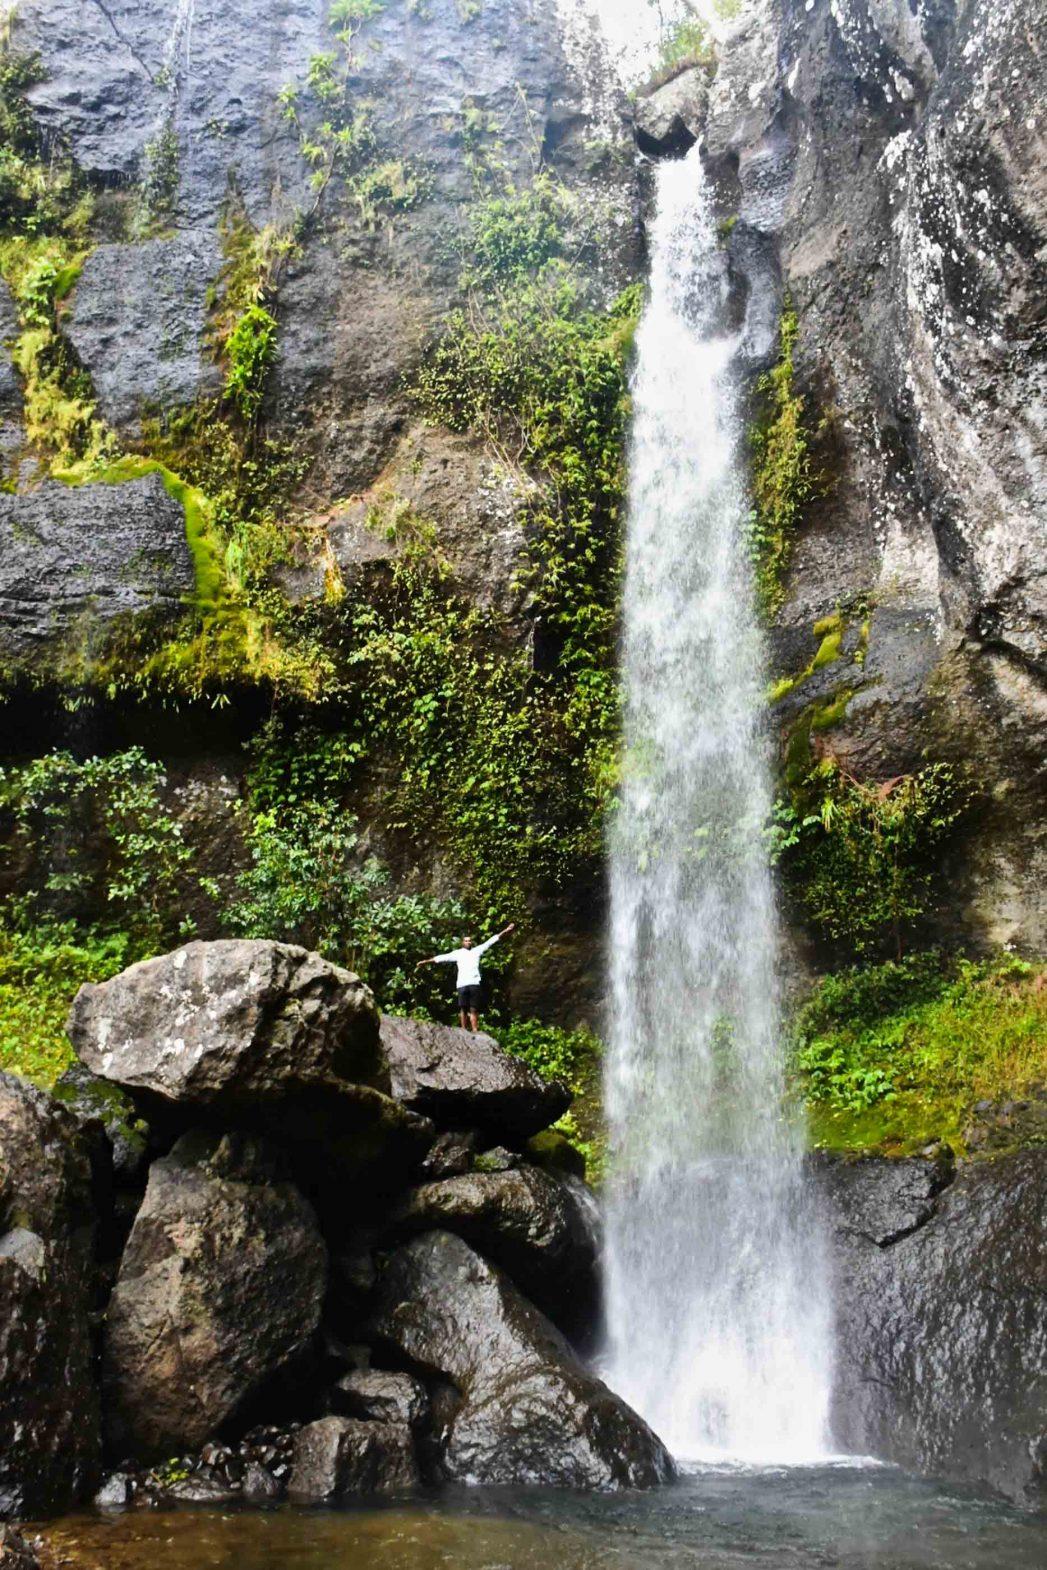 A dramatic waterfall.